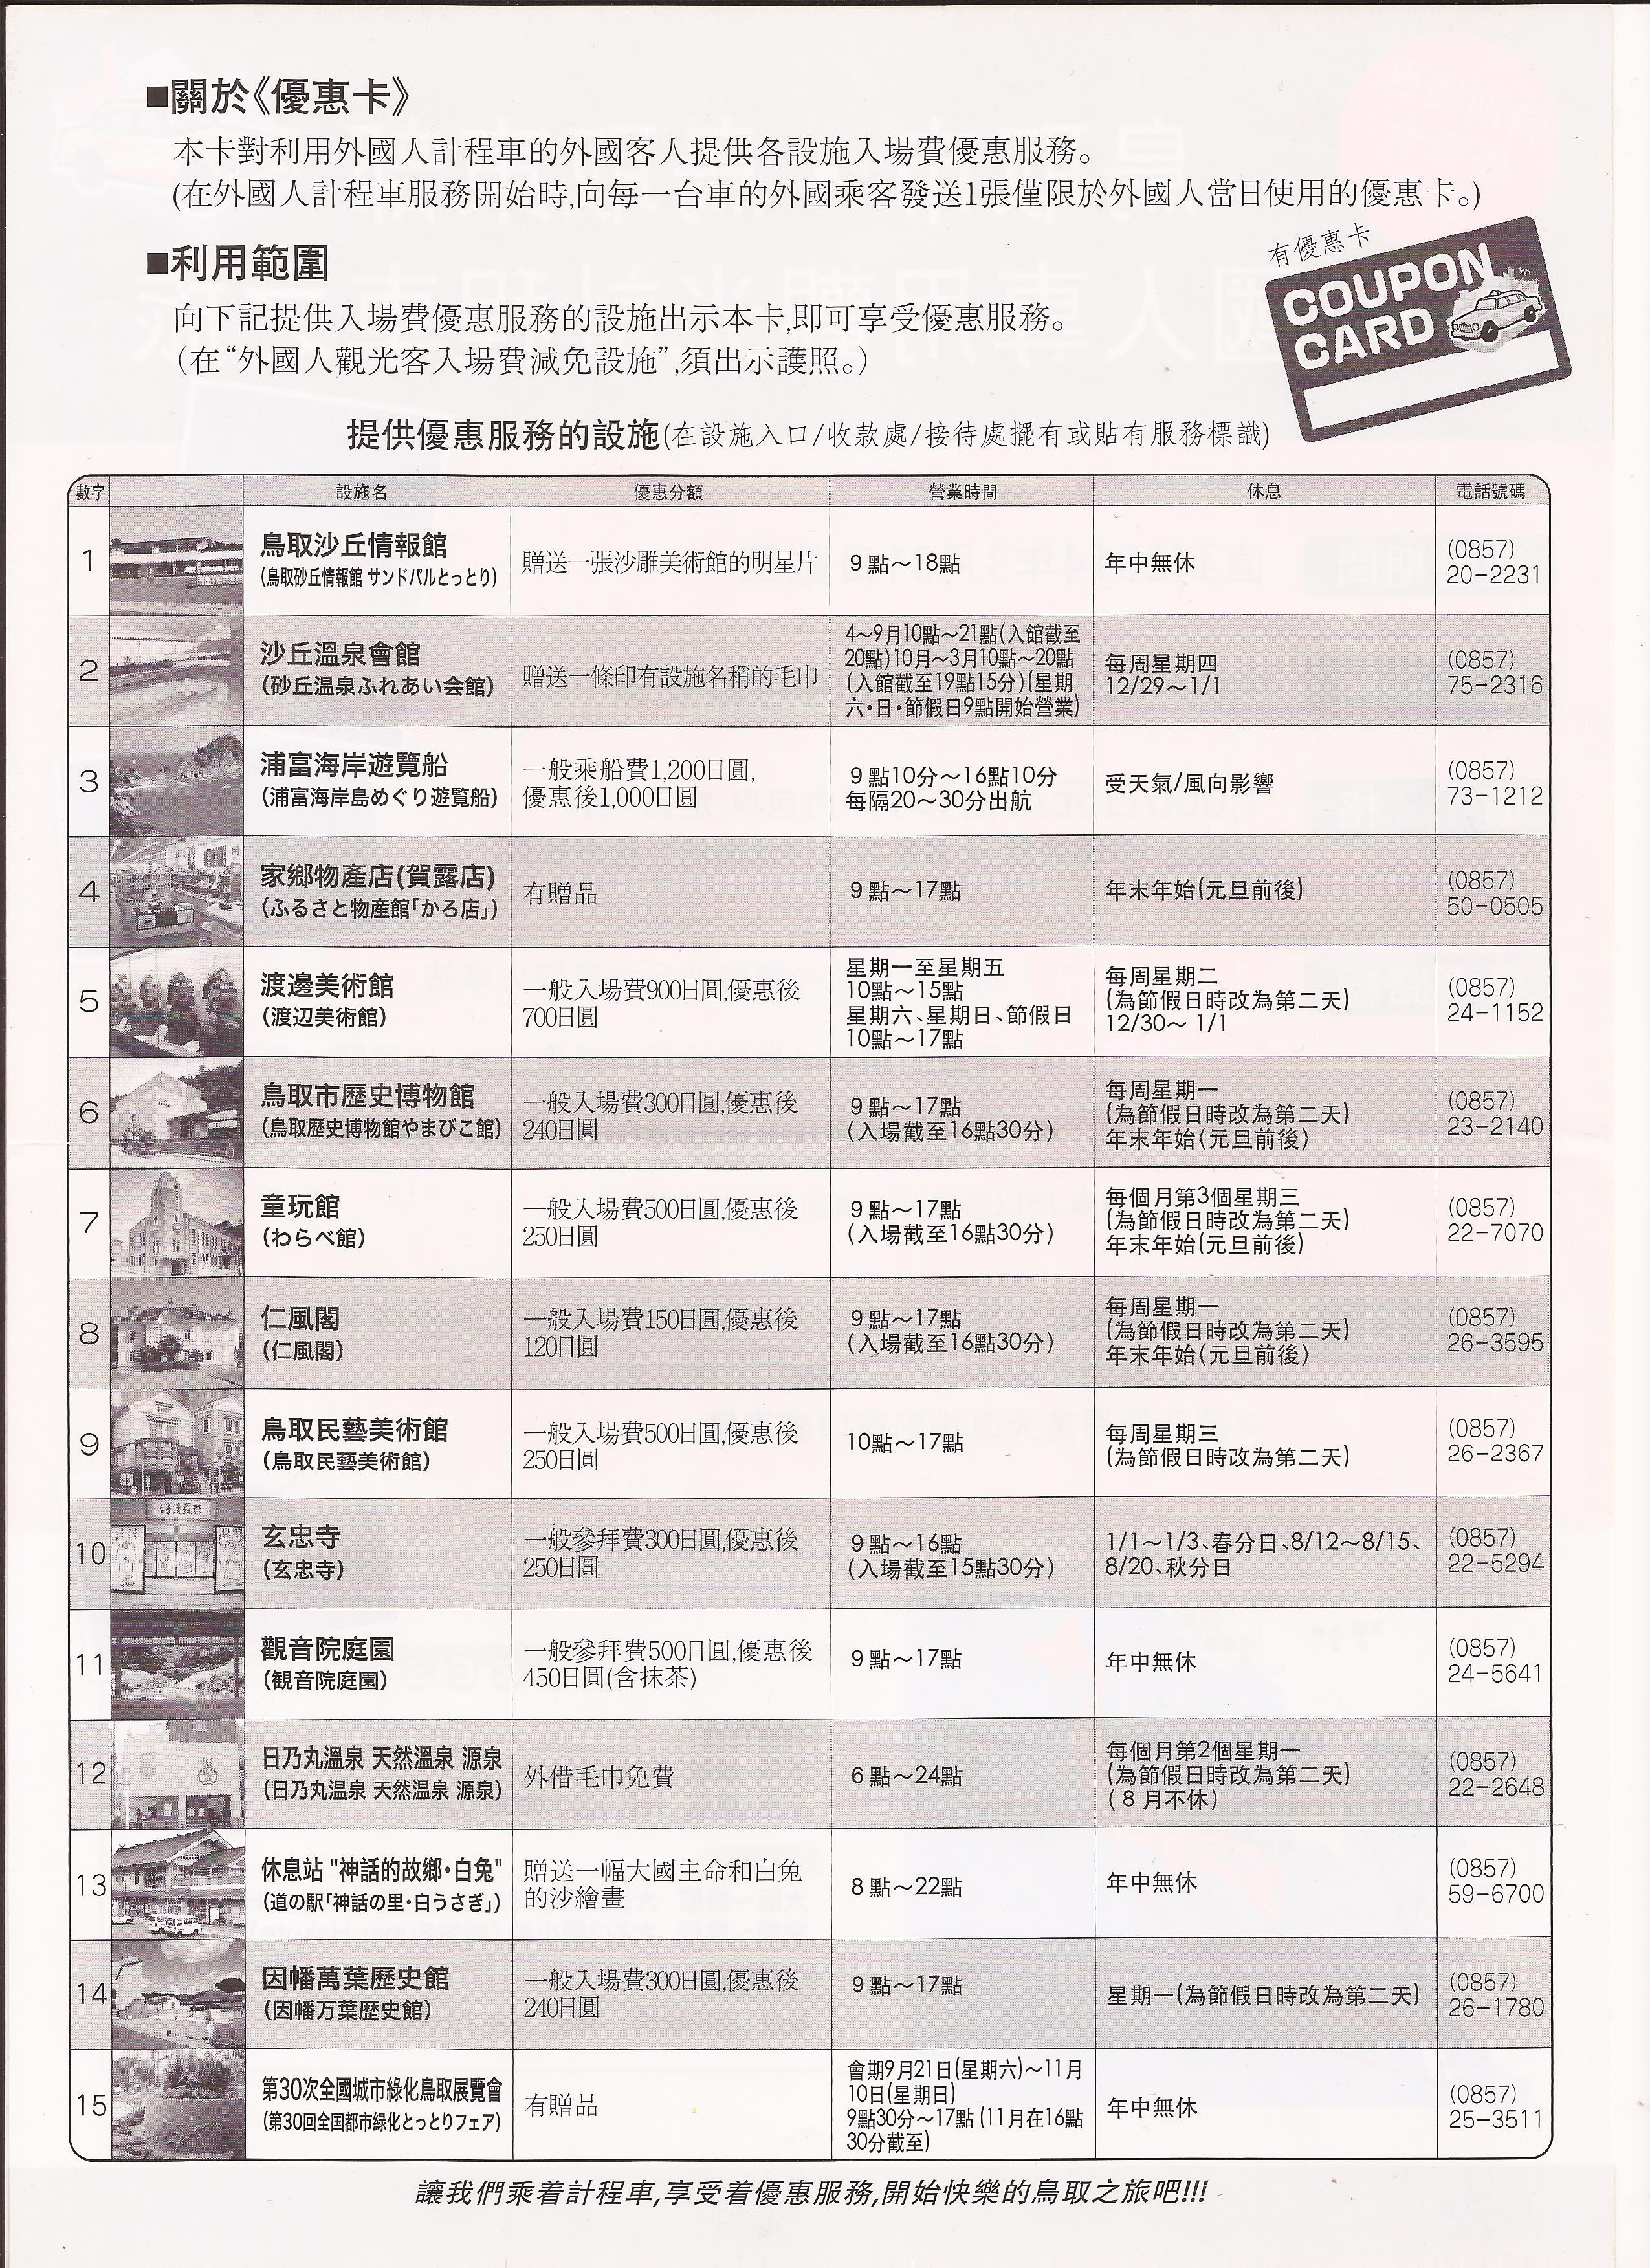 鳥取觀光計程車1.jpg